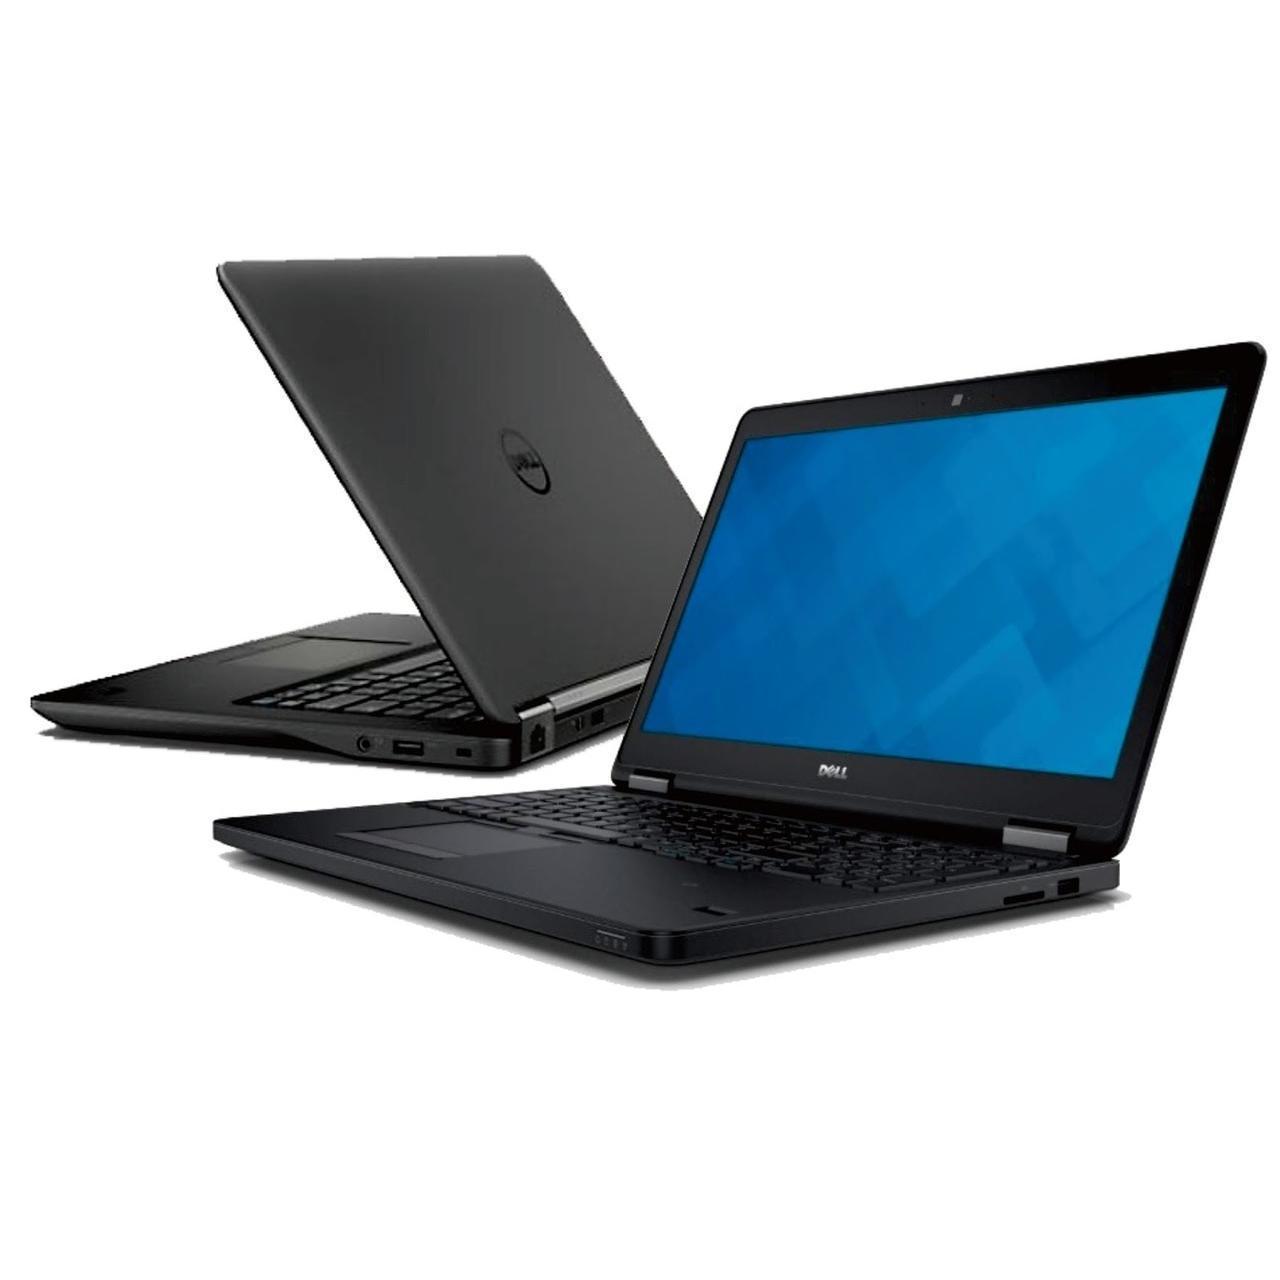 Dell Latitude E7250 12-inch (2015) - Core i5-5300U - 8 GB - SSD 128 GB